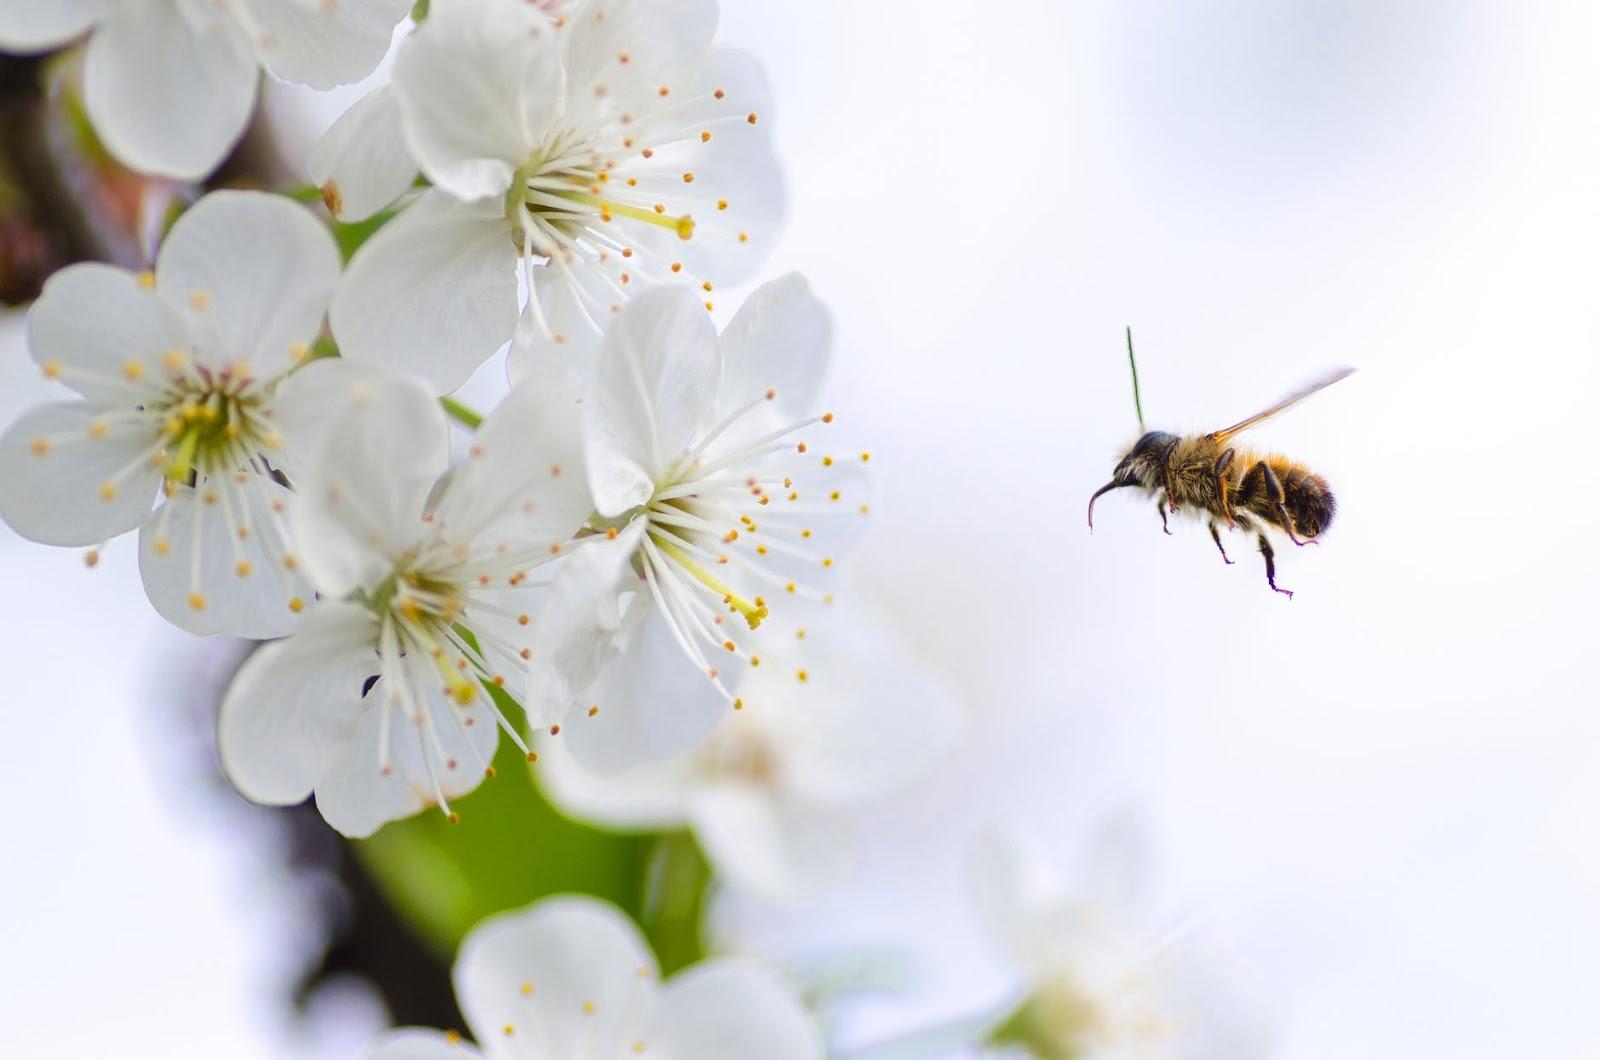 Hunaja, siitepöly, propolis ja perga. Mitä niiden terveysvaikutuksista voi kertoa?